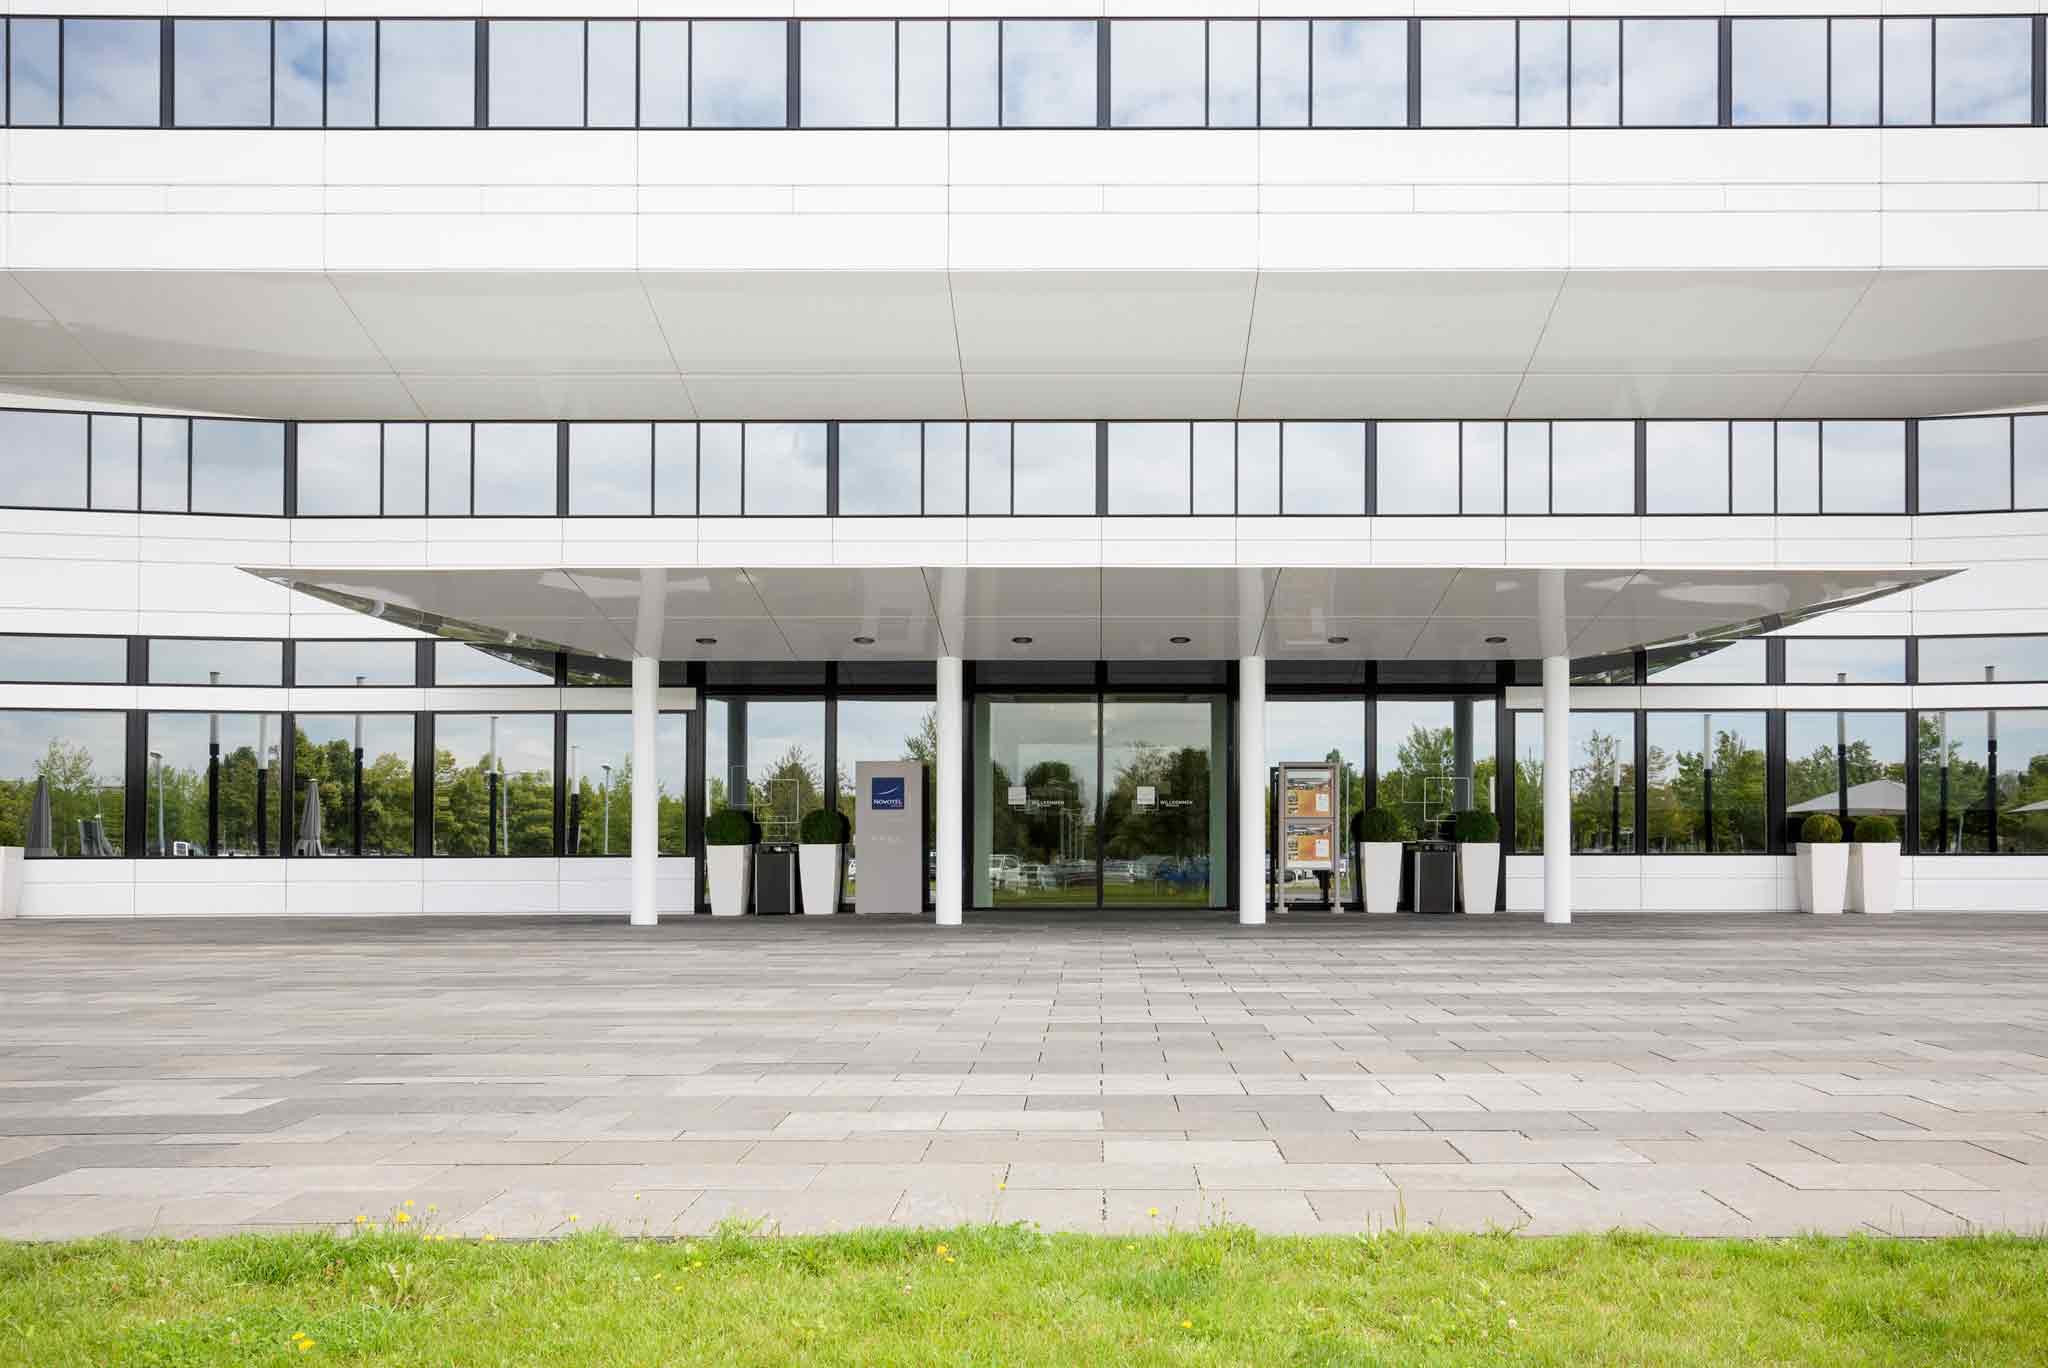 Novotel München Airport Widok z zewnątrz